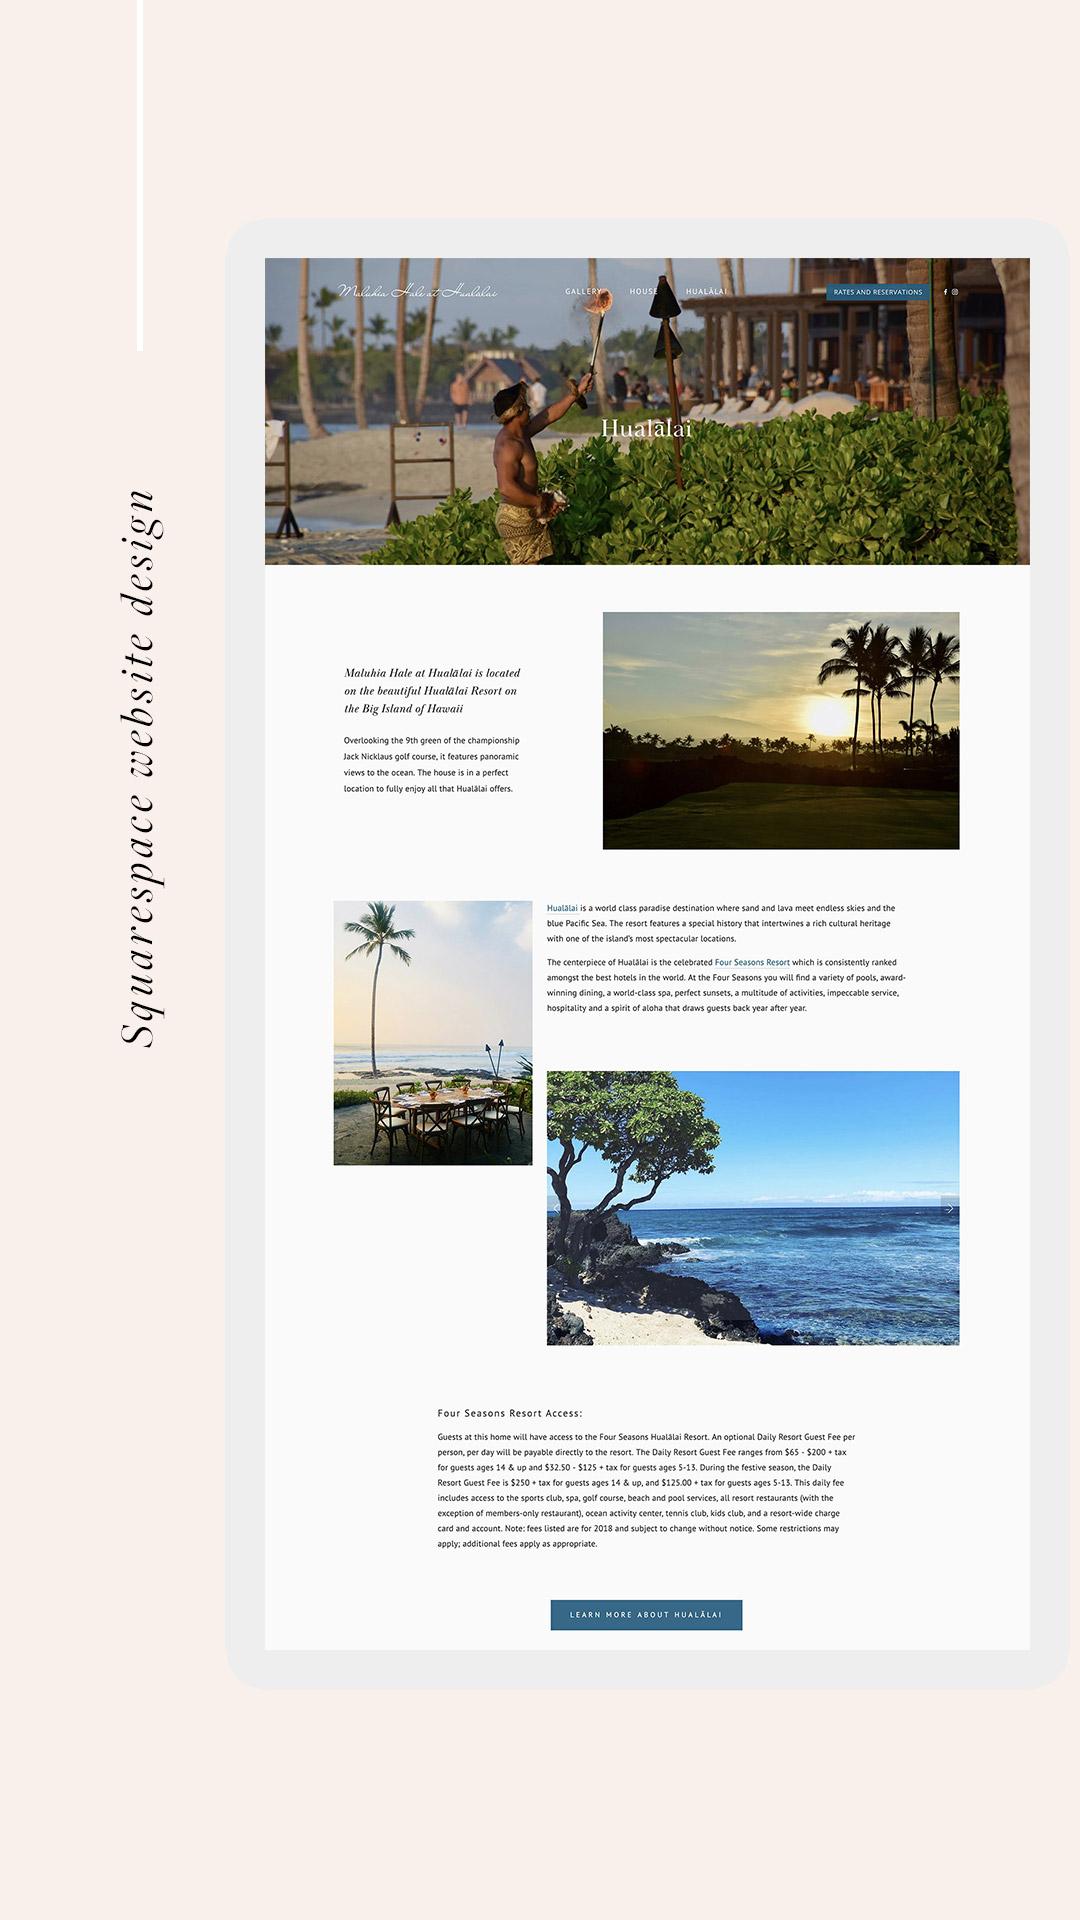 Maluhia Hale - Hualalai page | webdesign by Jodi Neufeld Design